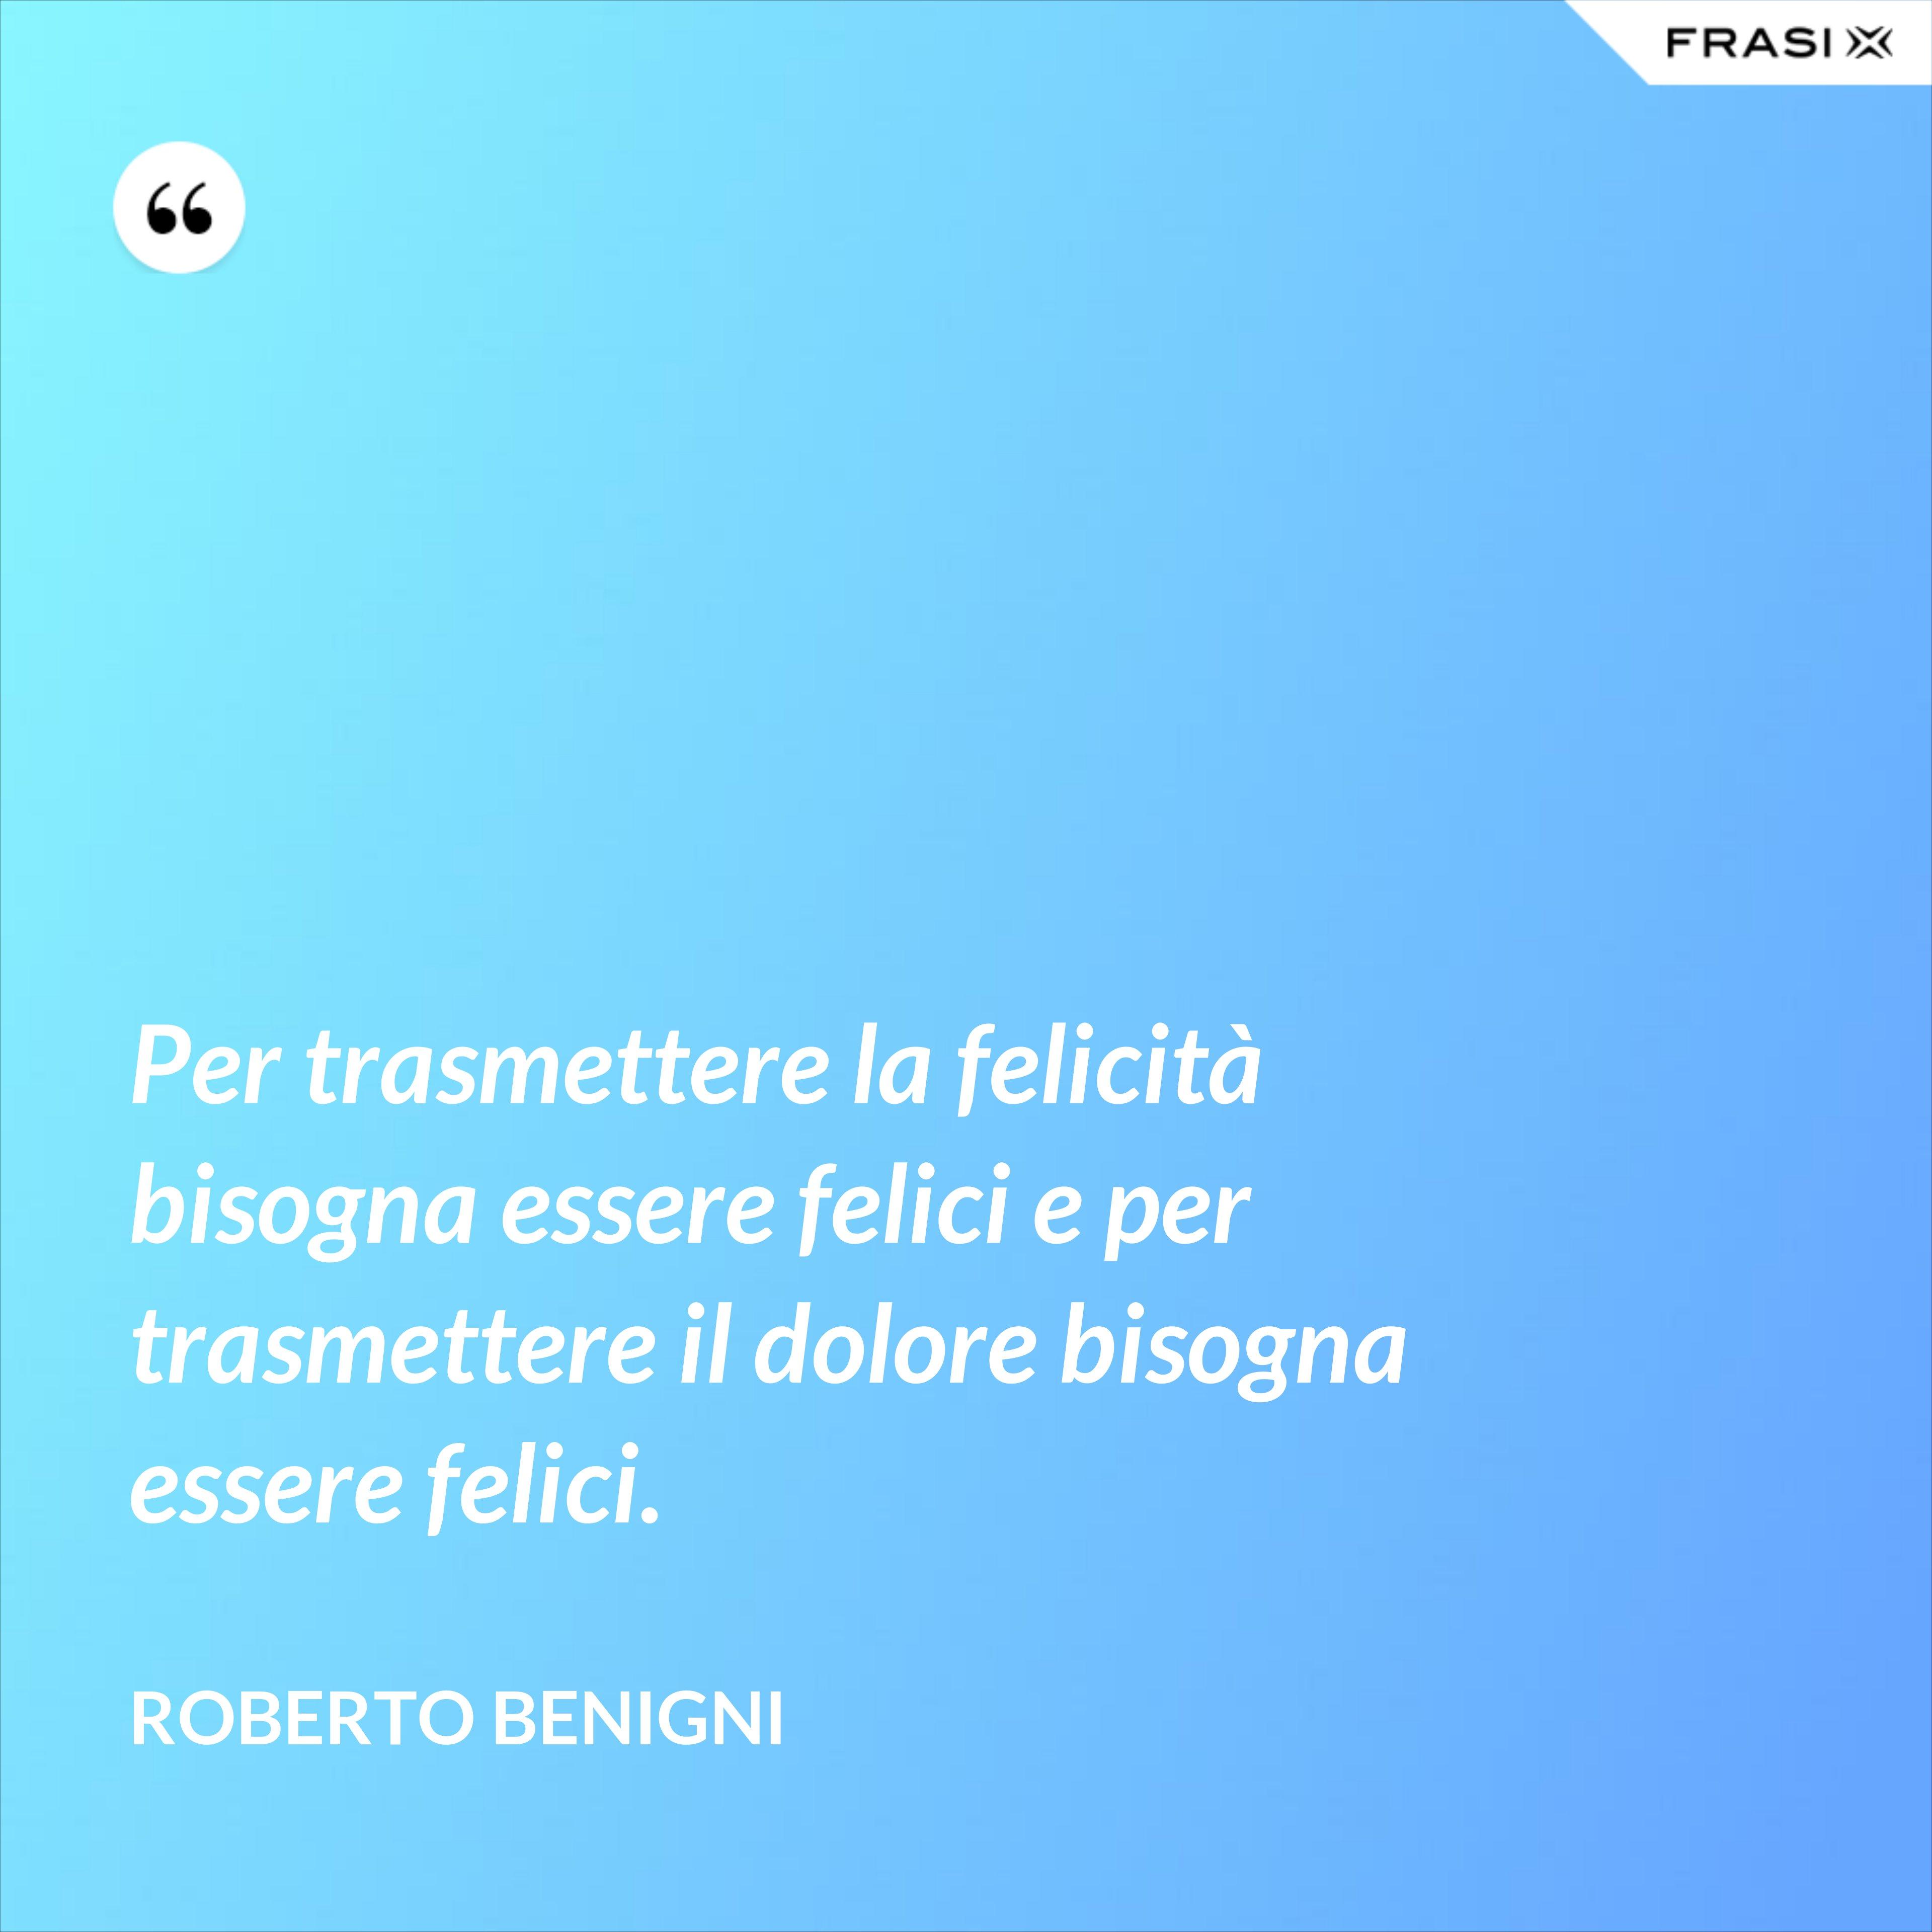 Per trasmettere la felicità bisogna essere felici e per trasmettere il dolore bisogna essere felici. - Roberto Benigni